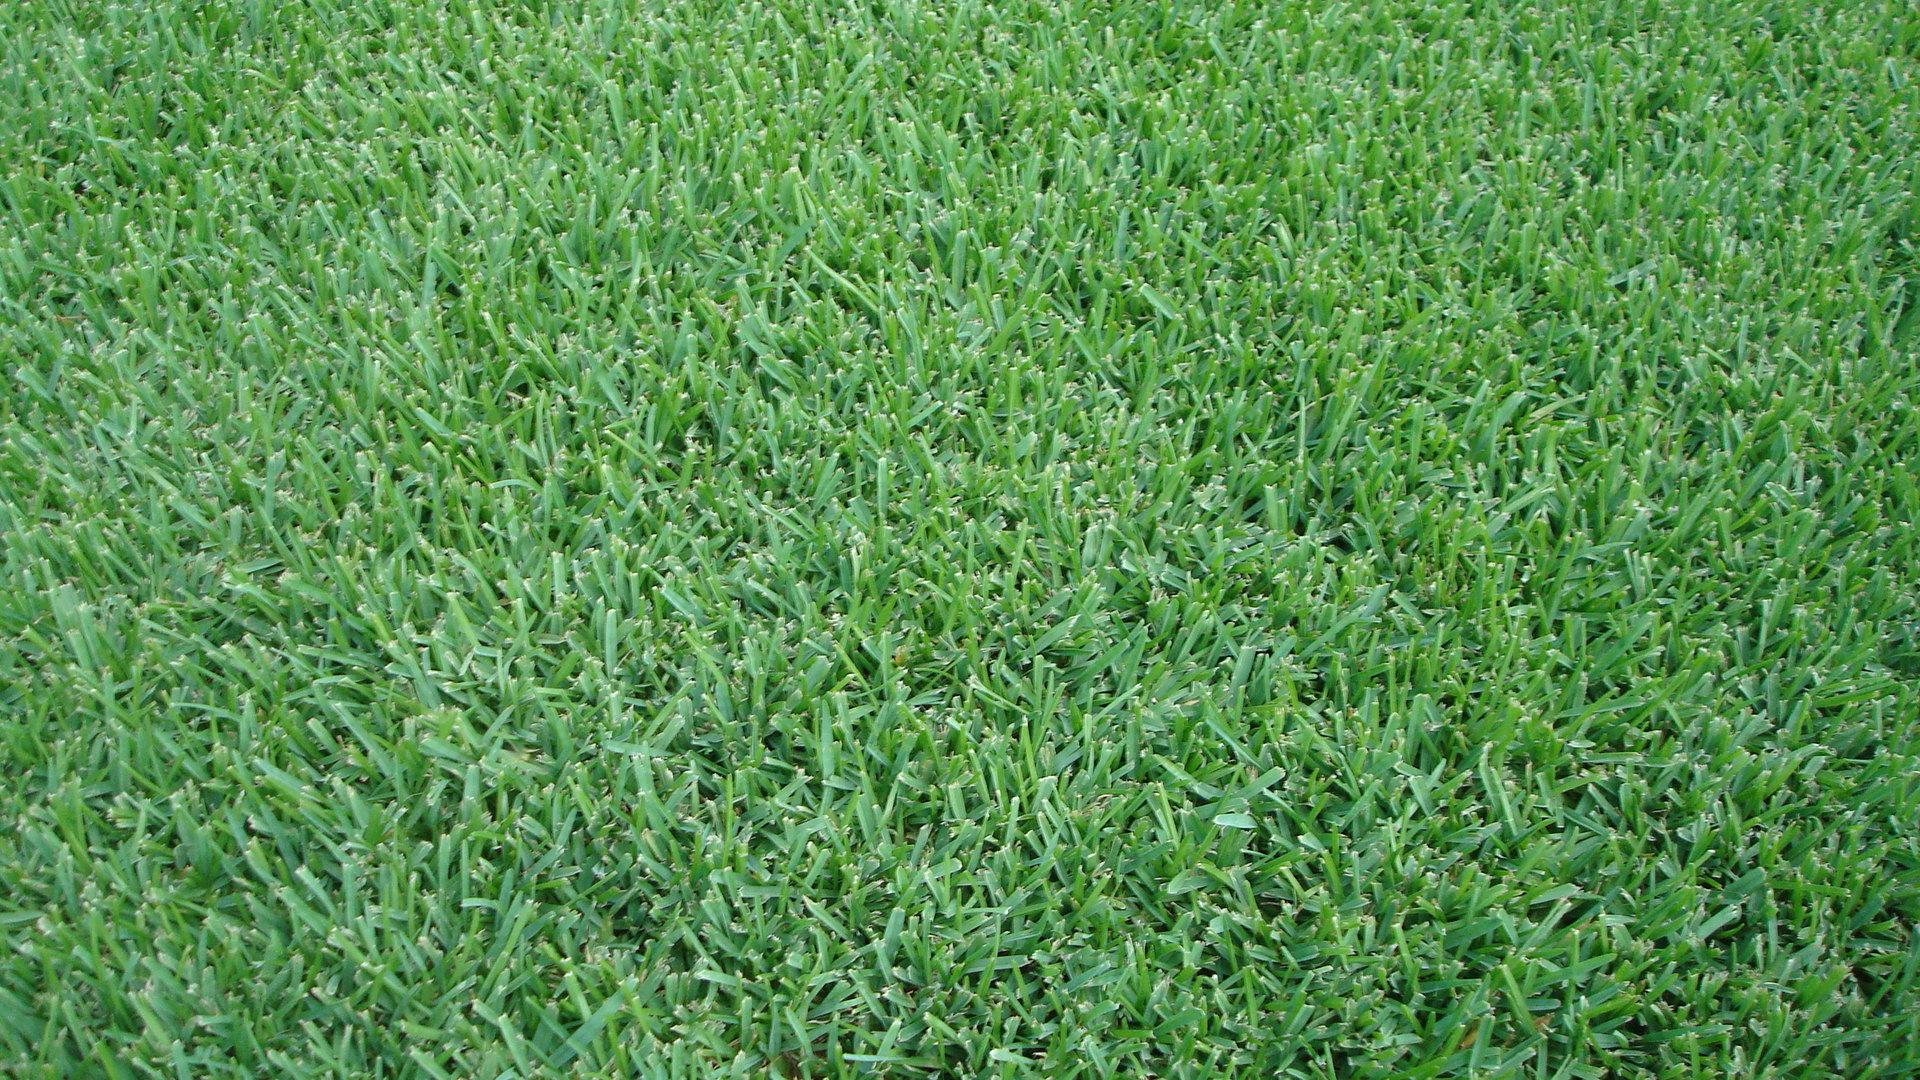 ... Grass.jpg